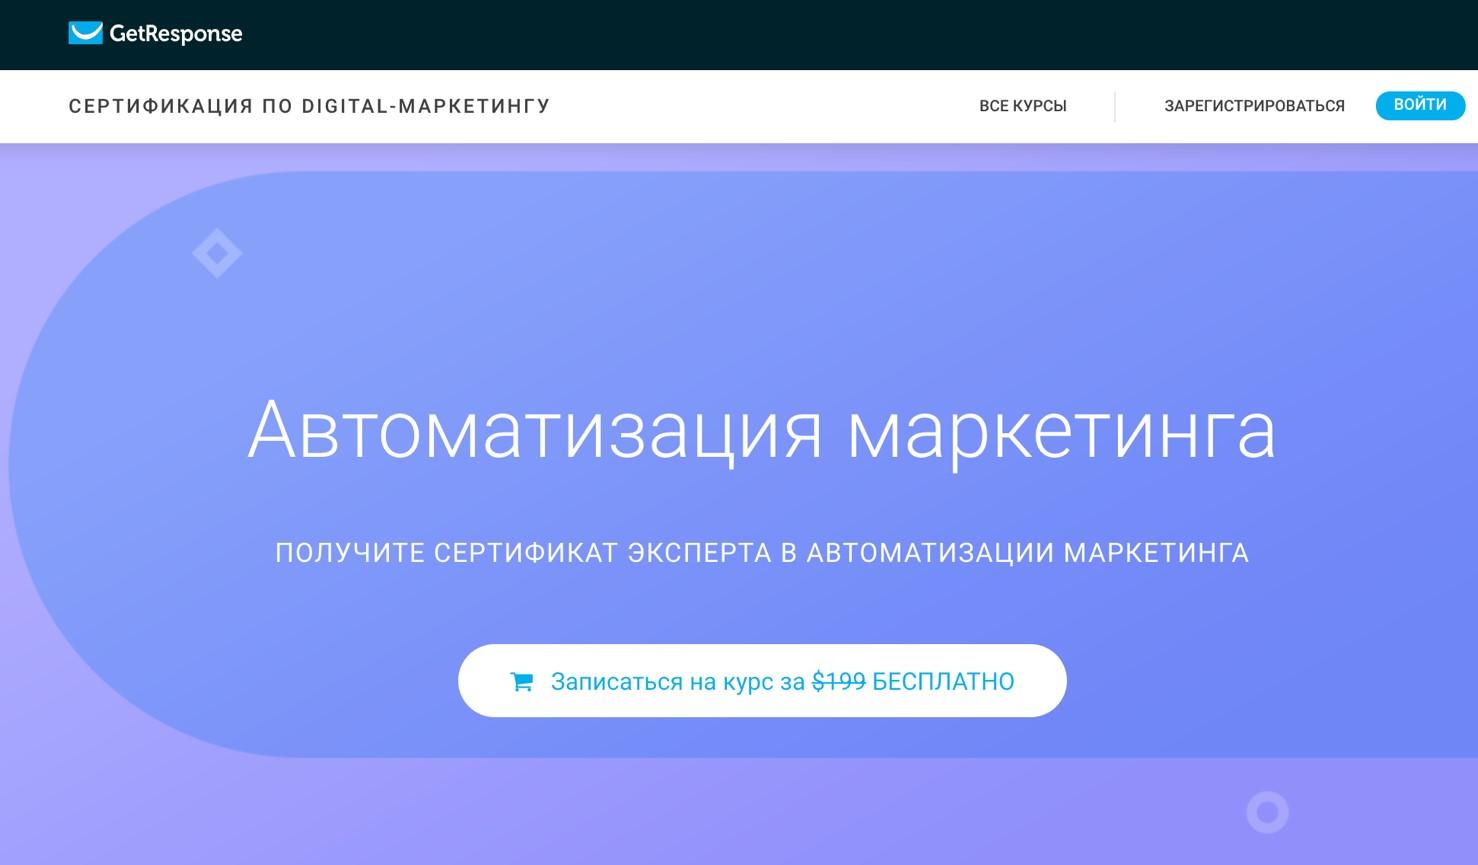 Читателям Cossa, у которых свыше 10 000 email-подписчиков, GetResponse дарит бесплатный доступ к сертификации по маркетингу